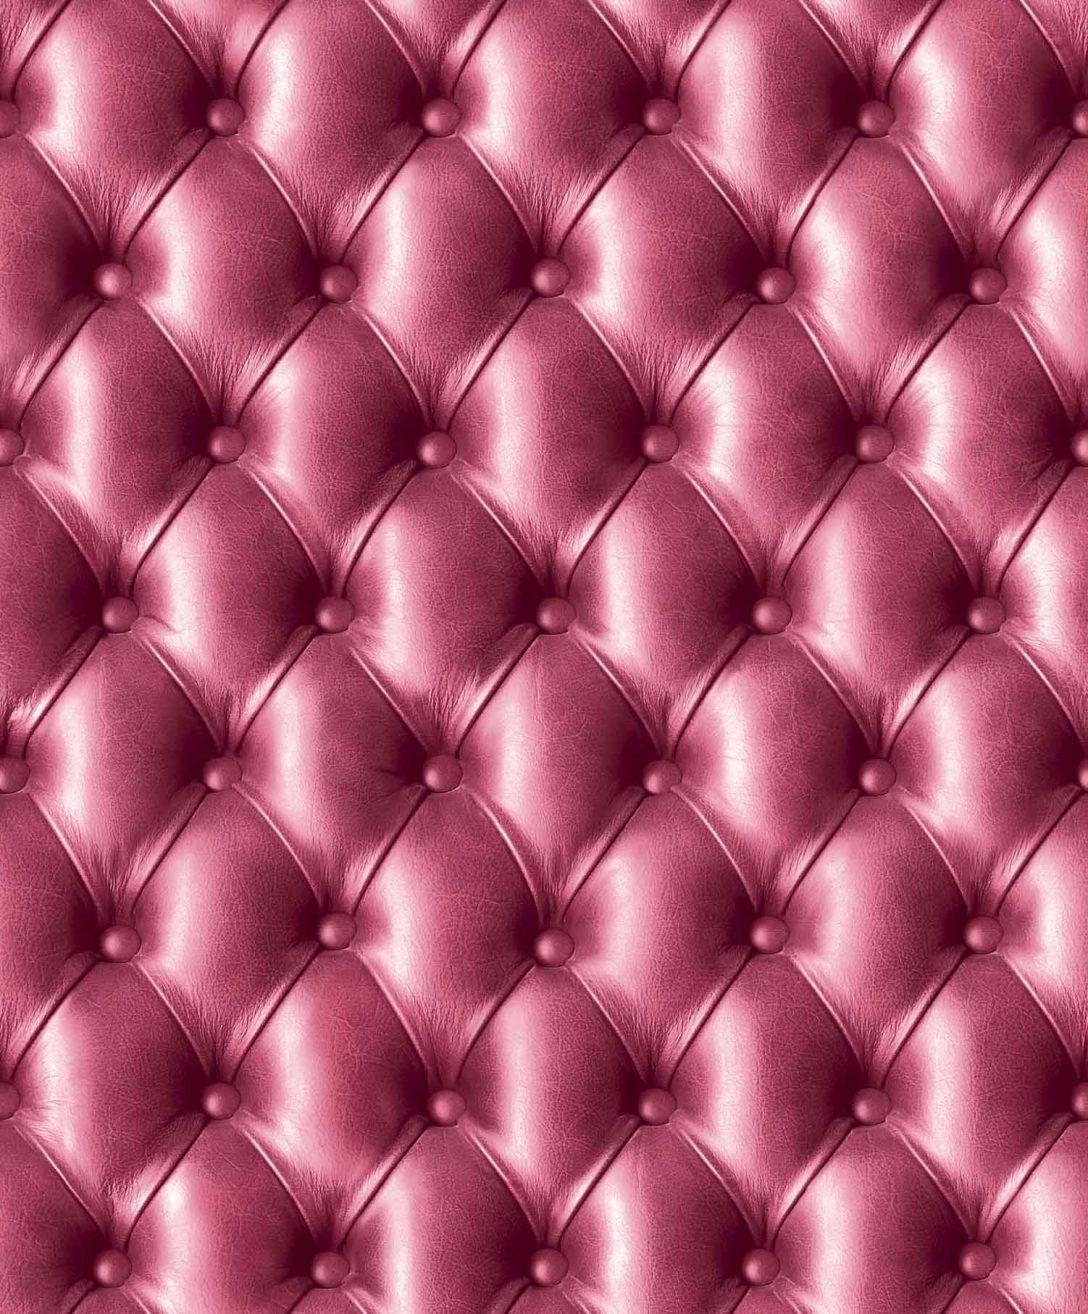 Large Size of 3d Tapeten Tapete Zum Online Kaufen Bilder Galerie 35 Fototapeten Wohnzimmer Für Küche Schlafzimmer Ideen Die Wohnzimmer 3d Tapeten